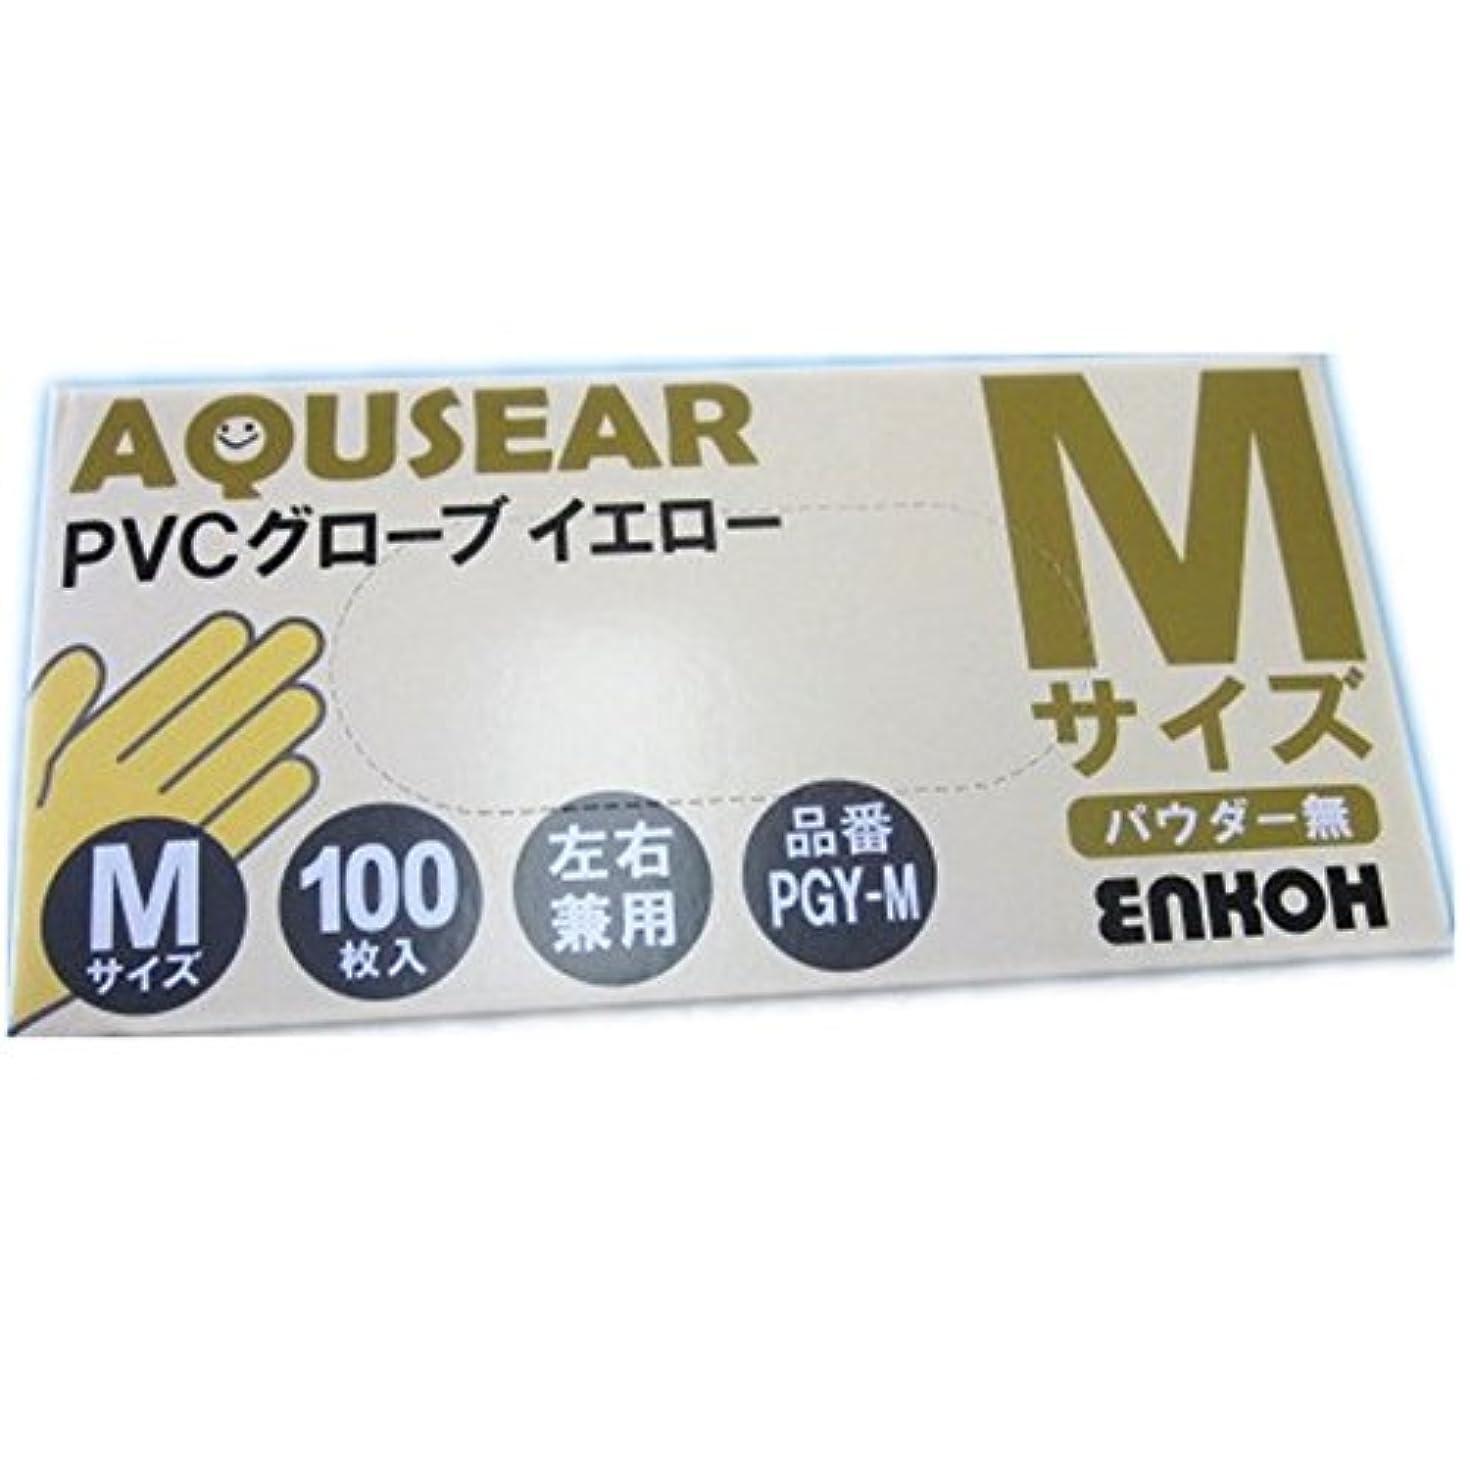 野生エレベーター住むAQUSEAR PVC プラスチックグローブ イエロー 弾性 Mサイズ パウダー無 PGY-M 100枚×20箱